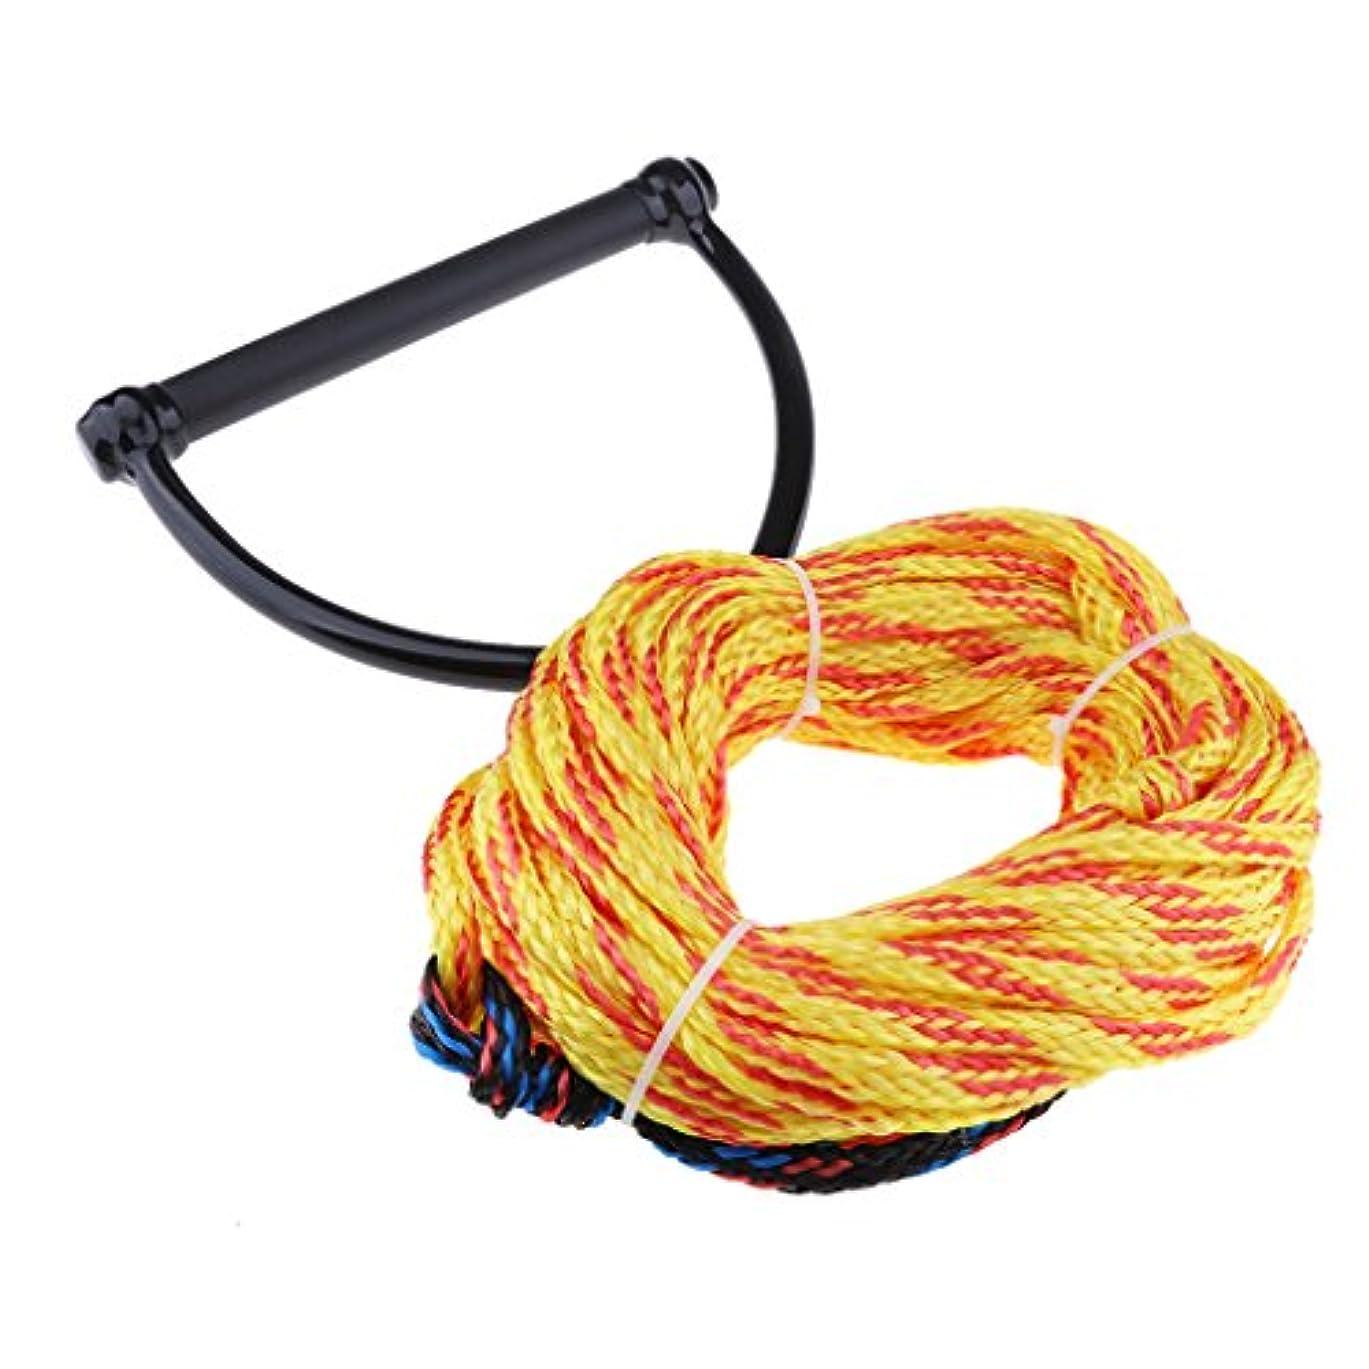 若者生き残り残るD DOLITY 牽引ロープ ウォータースポーツ ウォータースキー ロープ ハンドル付き ランダムカラー